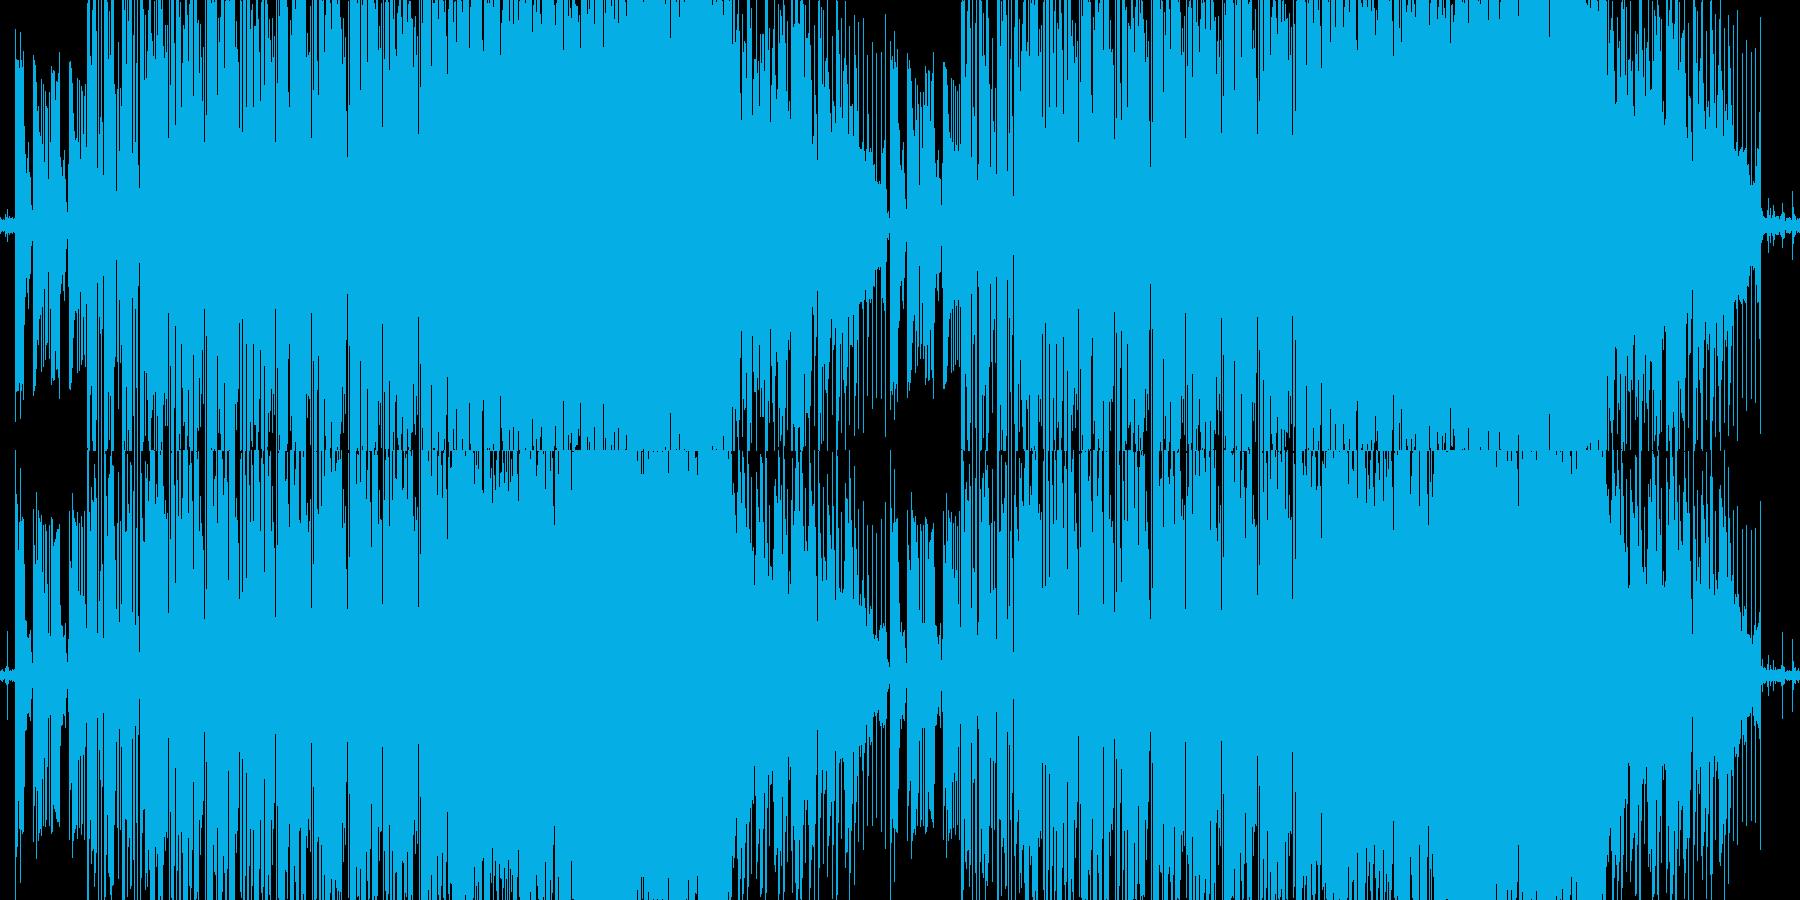 優しく切ないローファイブレイクスの再生済みの波形